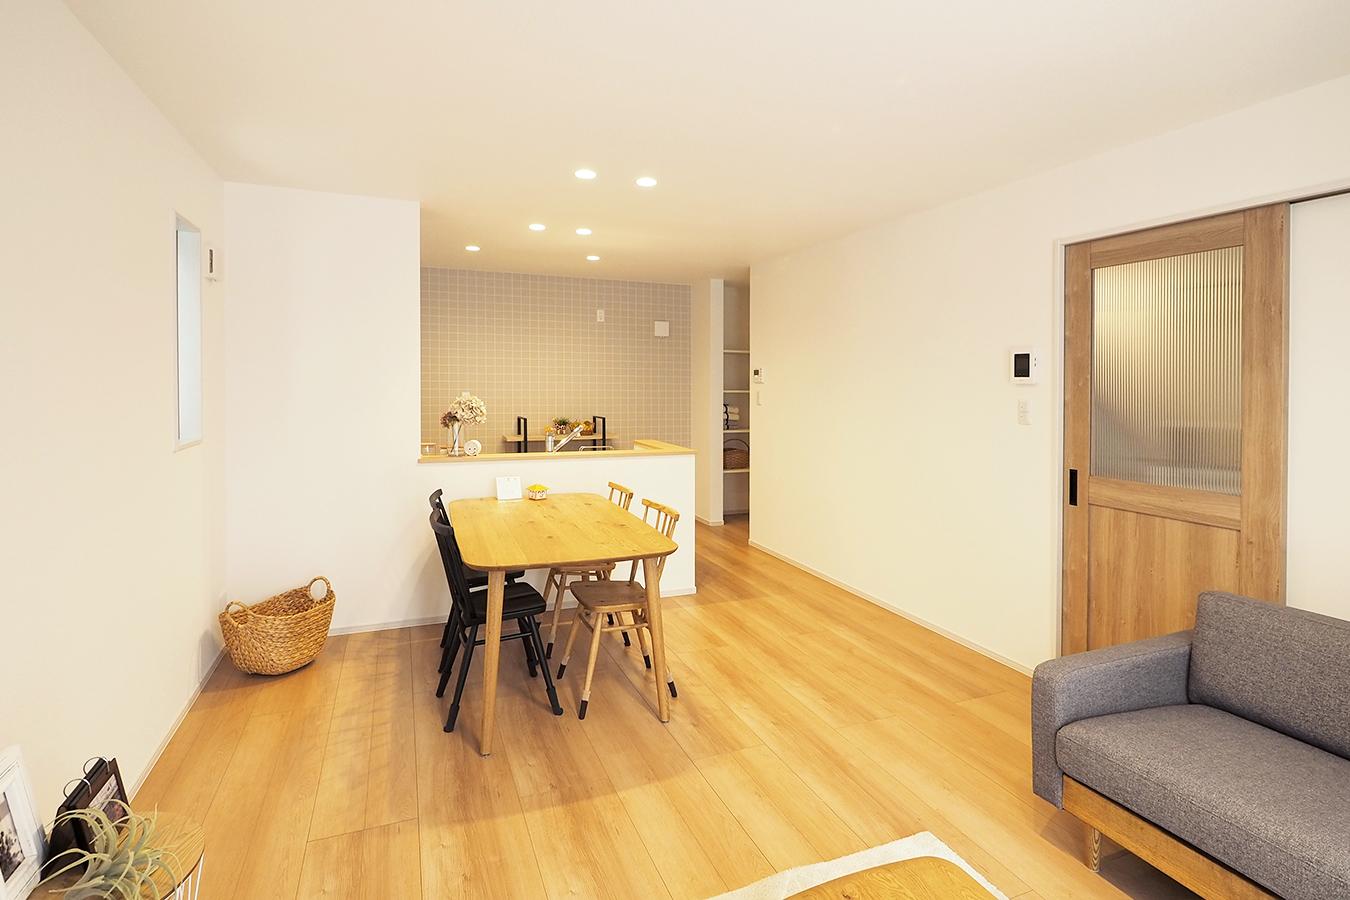 ニコニコ住宅 関屋昭和町モデルハウス素敵なインテリアで過ごすこと。 家での暮らしの快適さが大切な今だからこそ、 毎日を楽しく暮らせるようにアレンジしています。 コーディネートのご参考にも、ご来場ください。